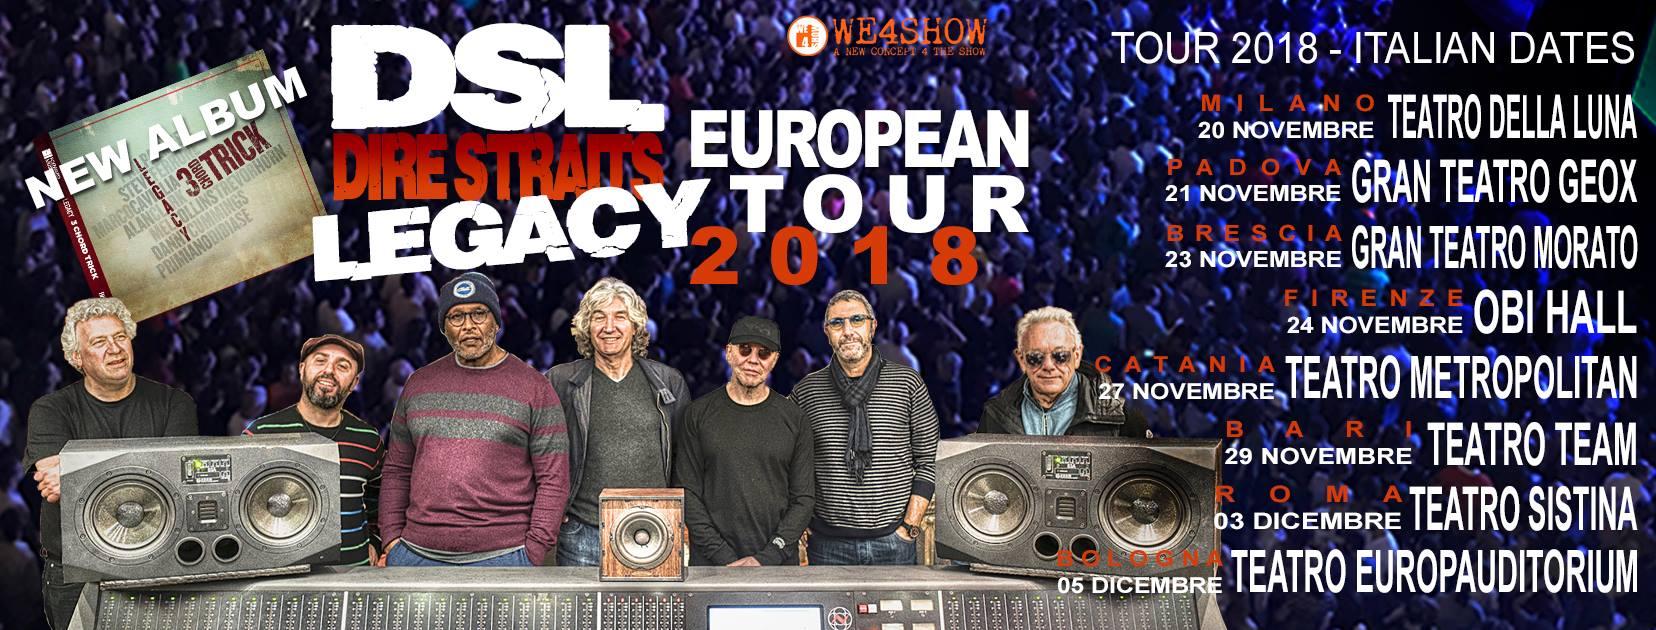 dsl dire straits legacy tour 2018 european